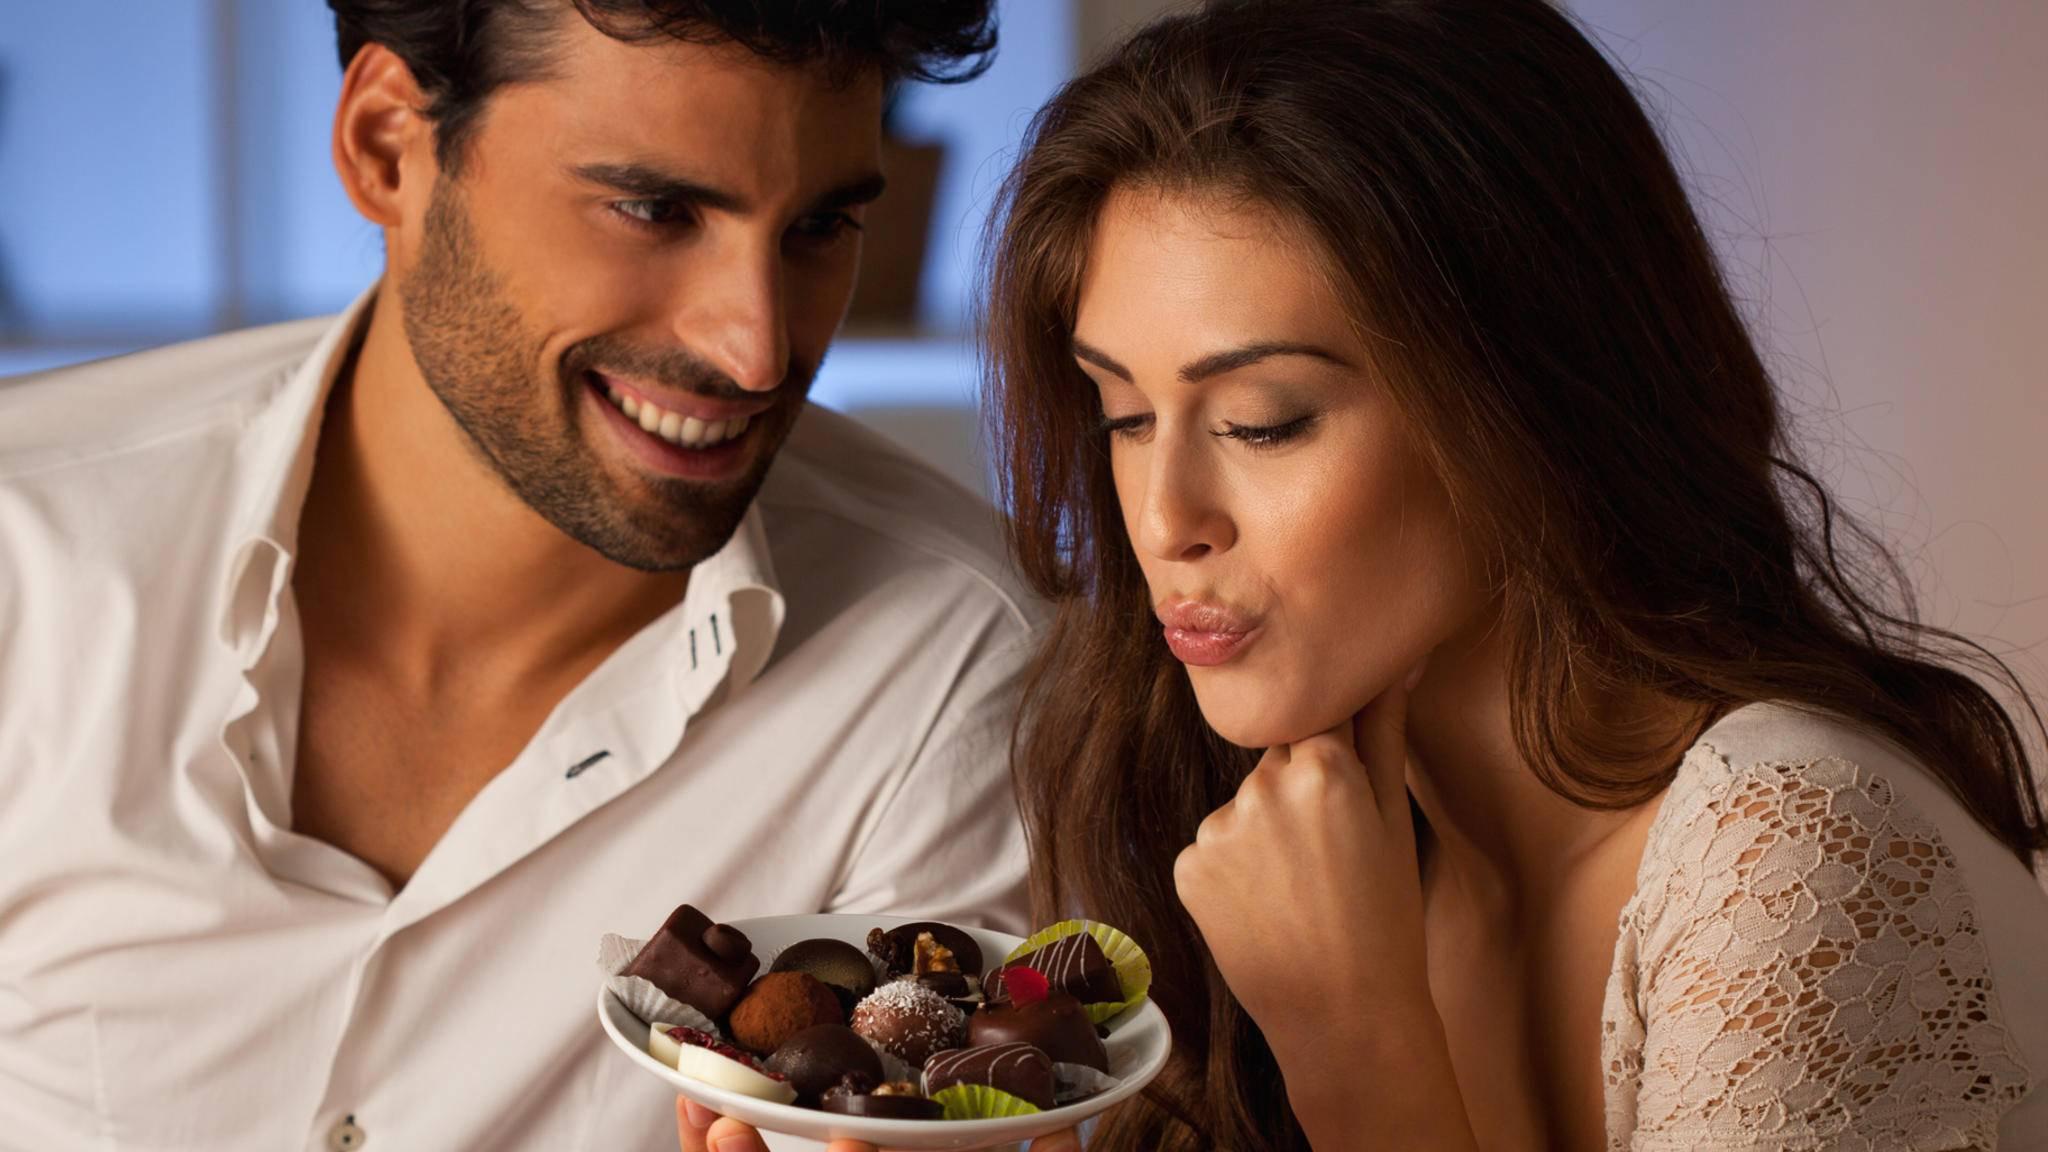 Mit selbst gemachten Pralinen lässt sich die Liebste am Valentinstag sicher beeindrucken.